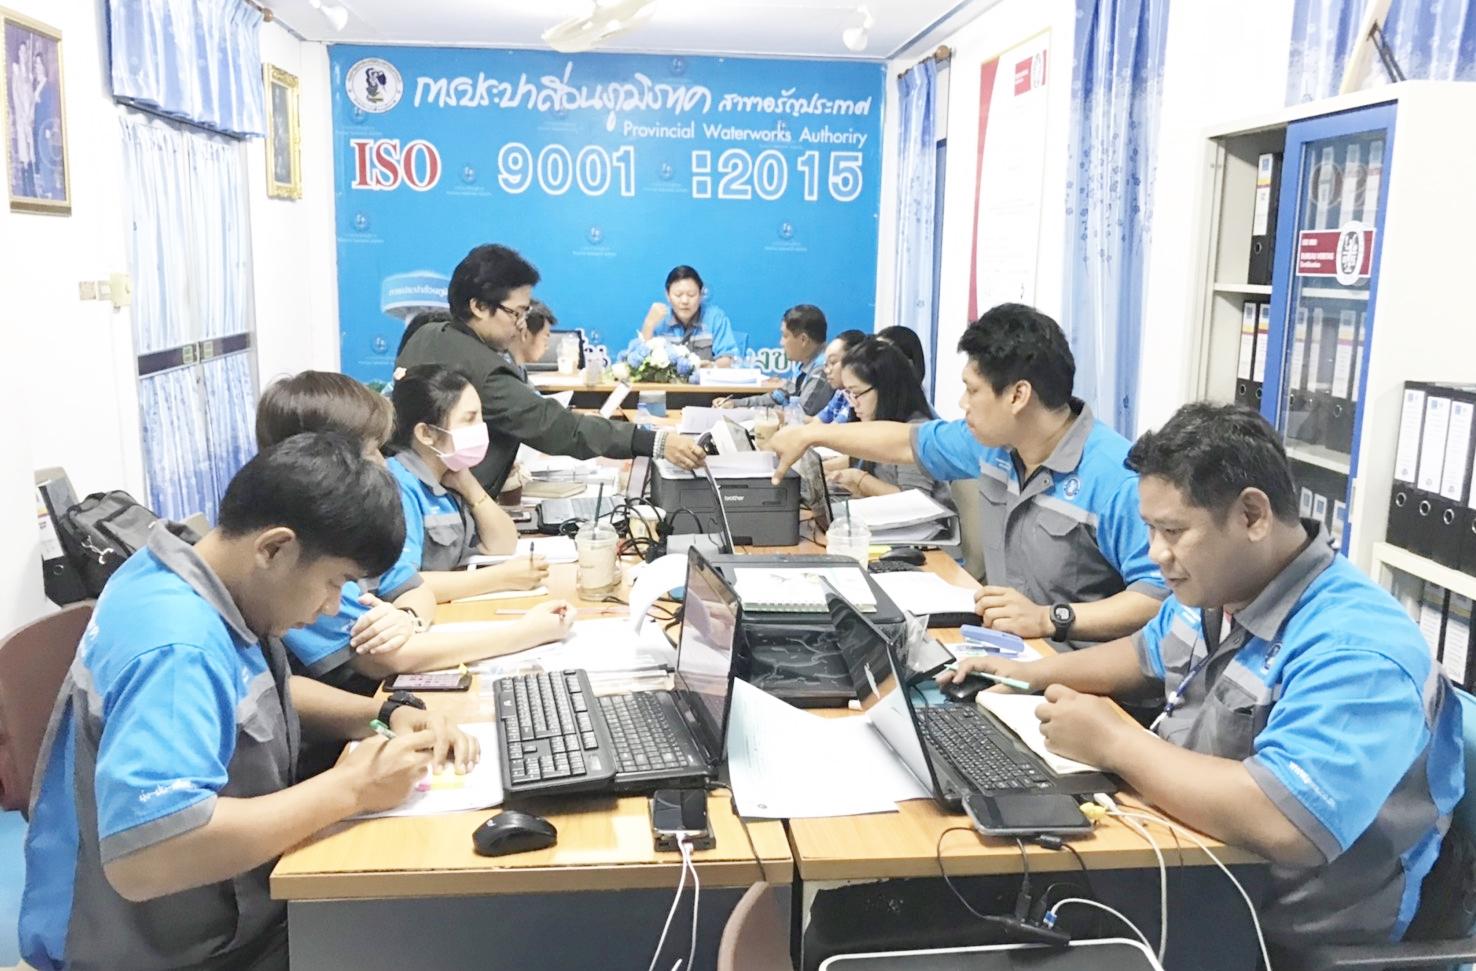 คณะทำงานระบบบริหารคุณภาพ ISO9001 :2015 การประปาส่วนภูมิภาค(กปภ.) สาขาอรัญประเทศ เข้าร่วมประชุมทบทวนเพื่อติดตามผลการดำเนินงานของปีงบประมาณ 2562  ที่ผ่านมา และดำเนินการจัดทำเป้าหมาย (KPI) ในการดำเนินงานประจำปี 2563